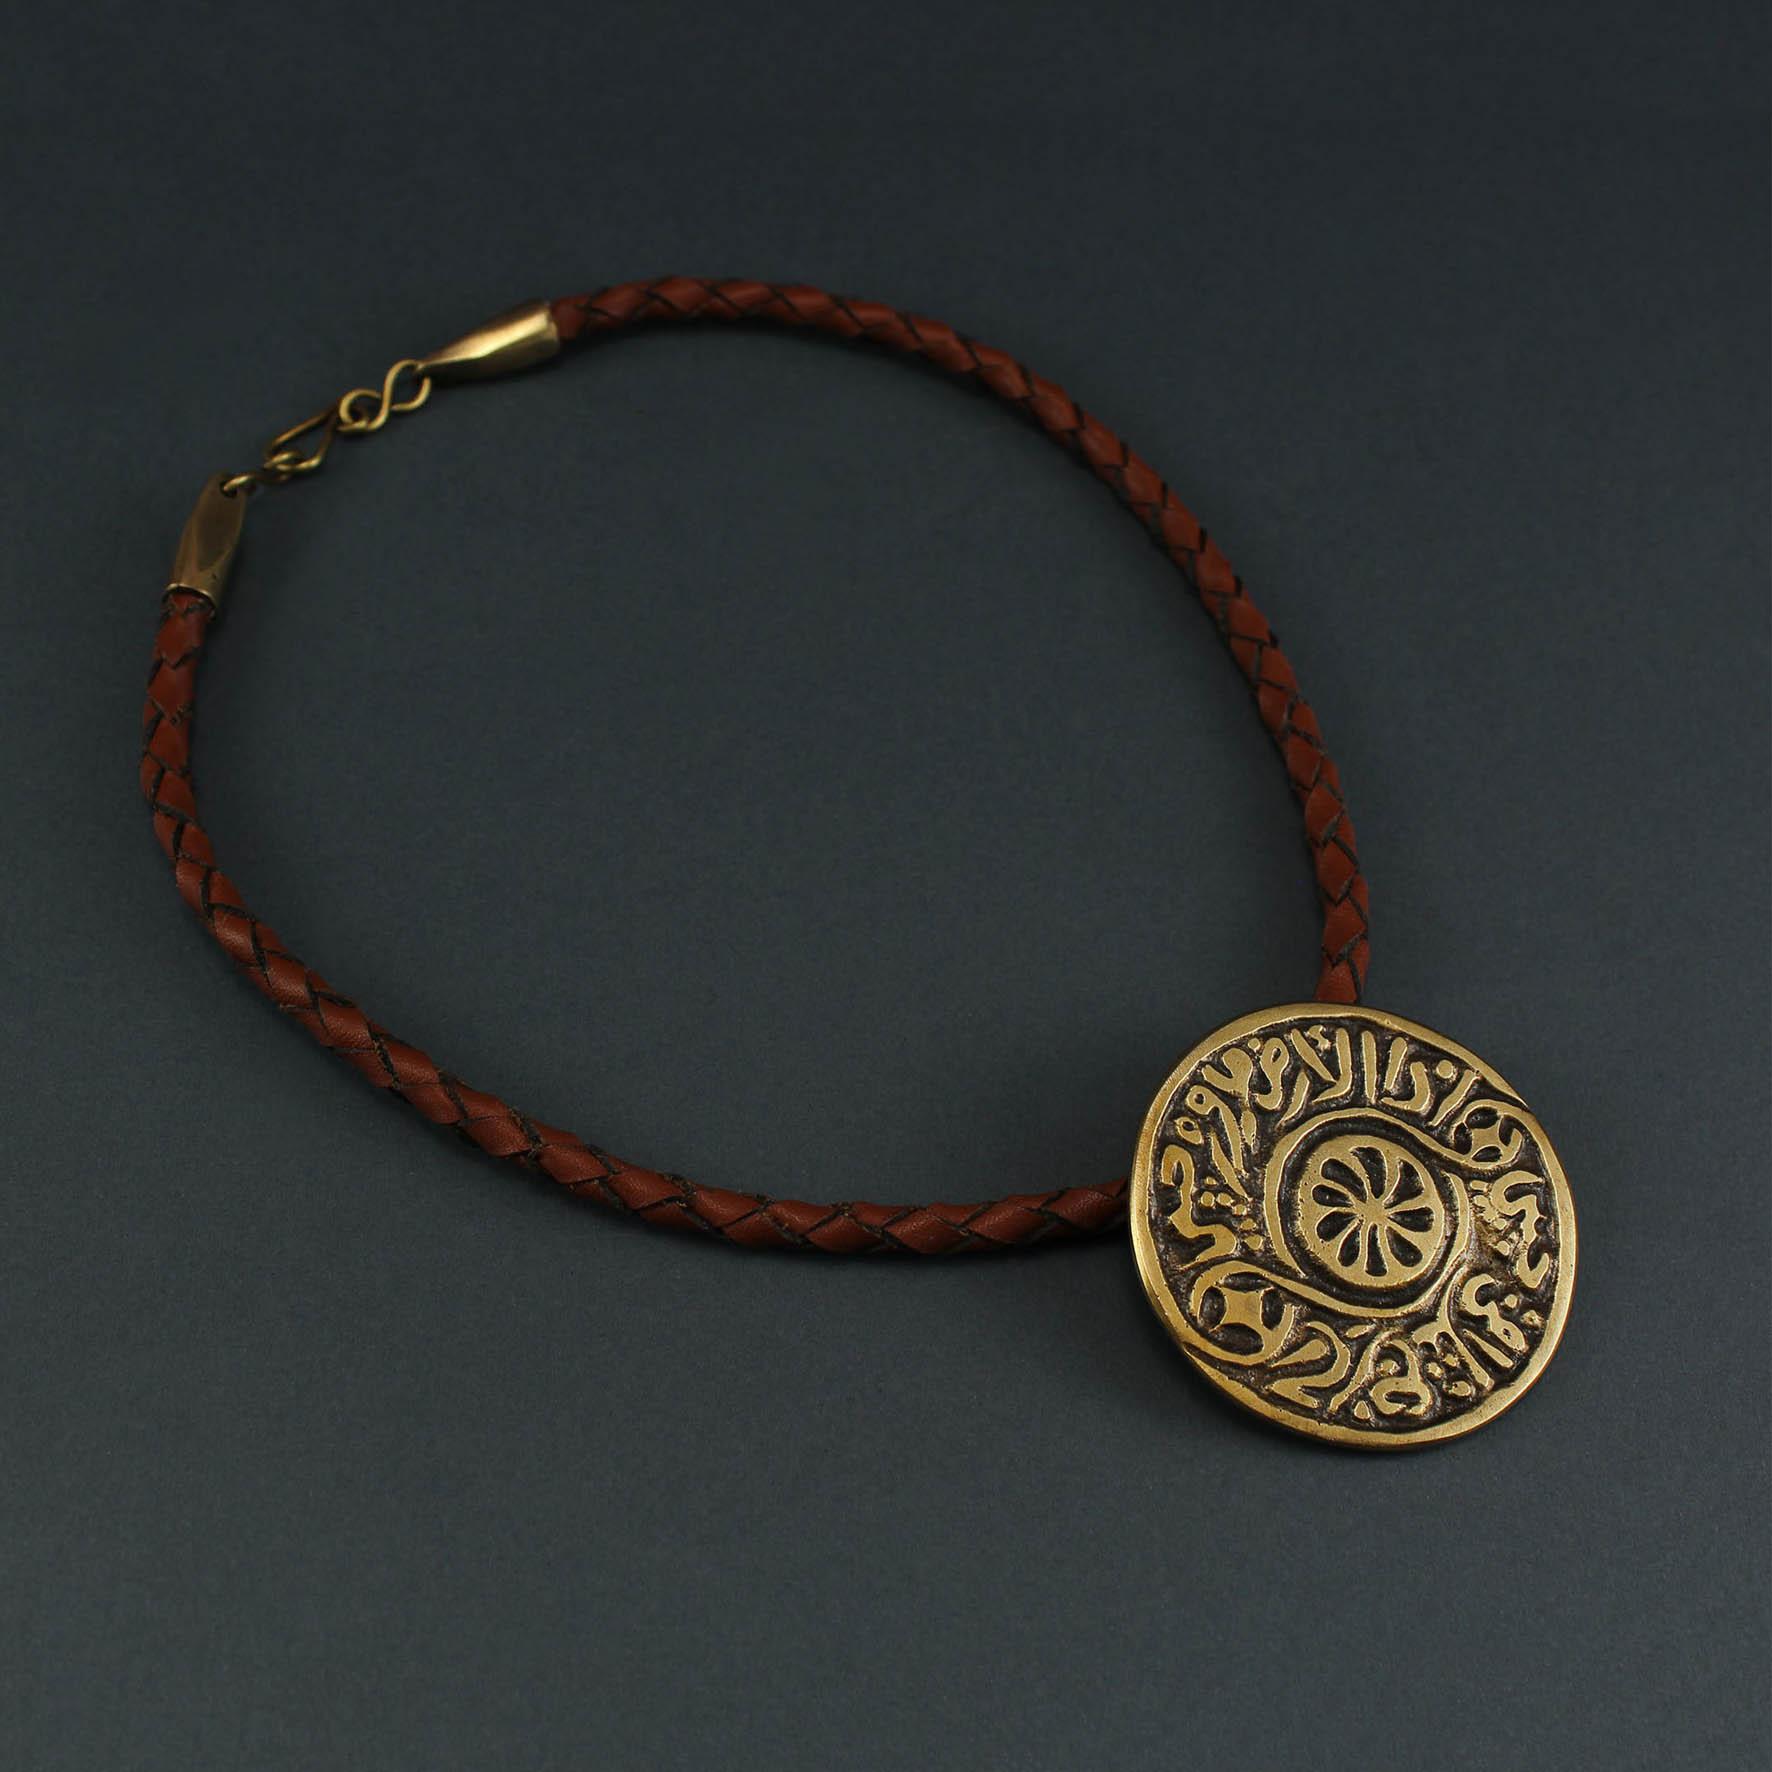 El-Ard Mdawarah Braided Necklace